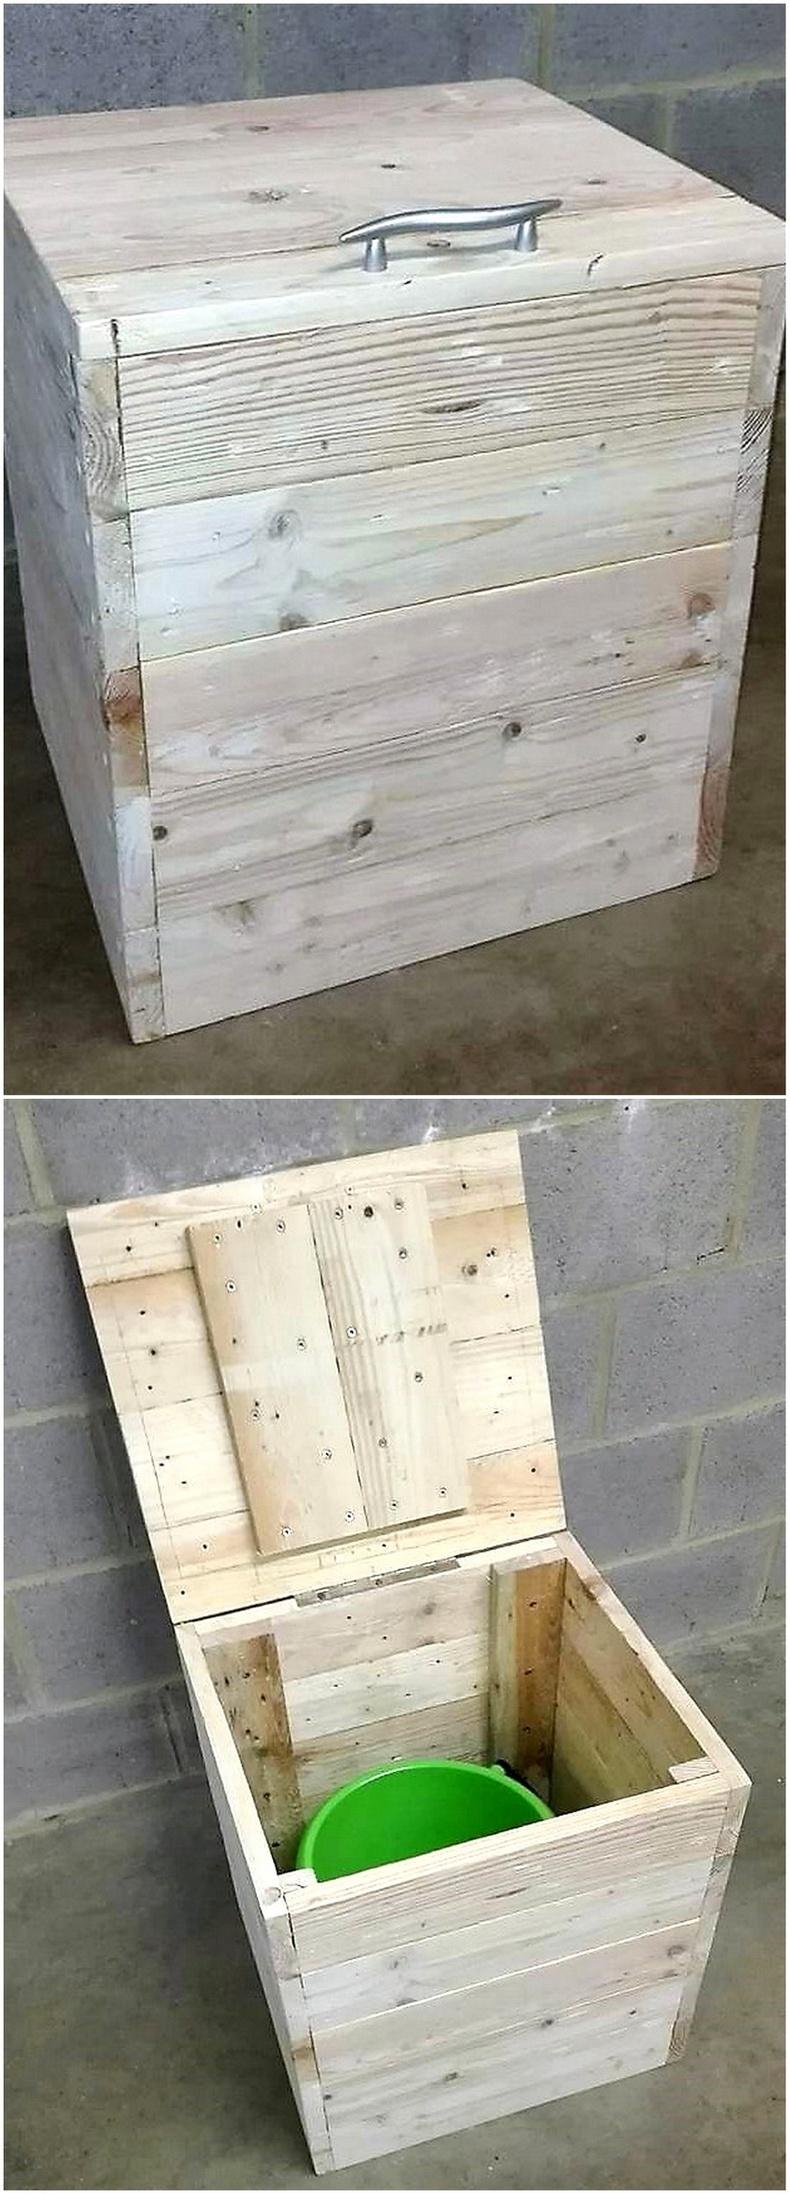 pallets waste bin box